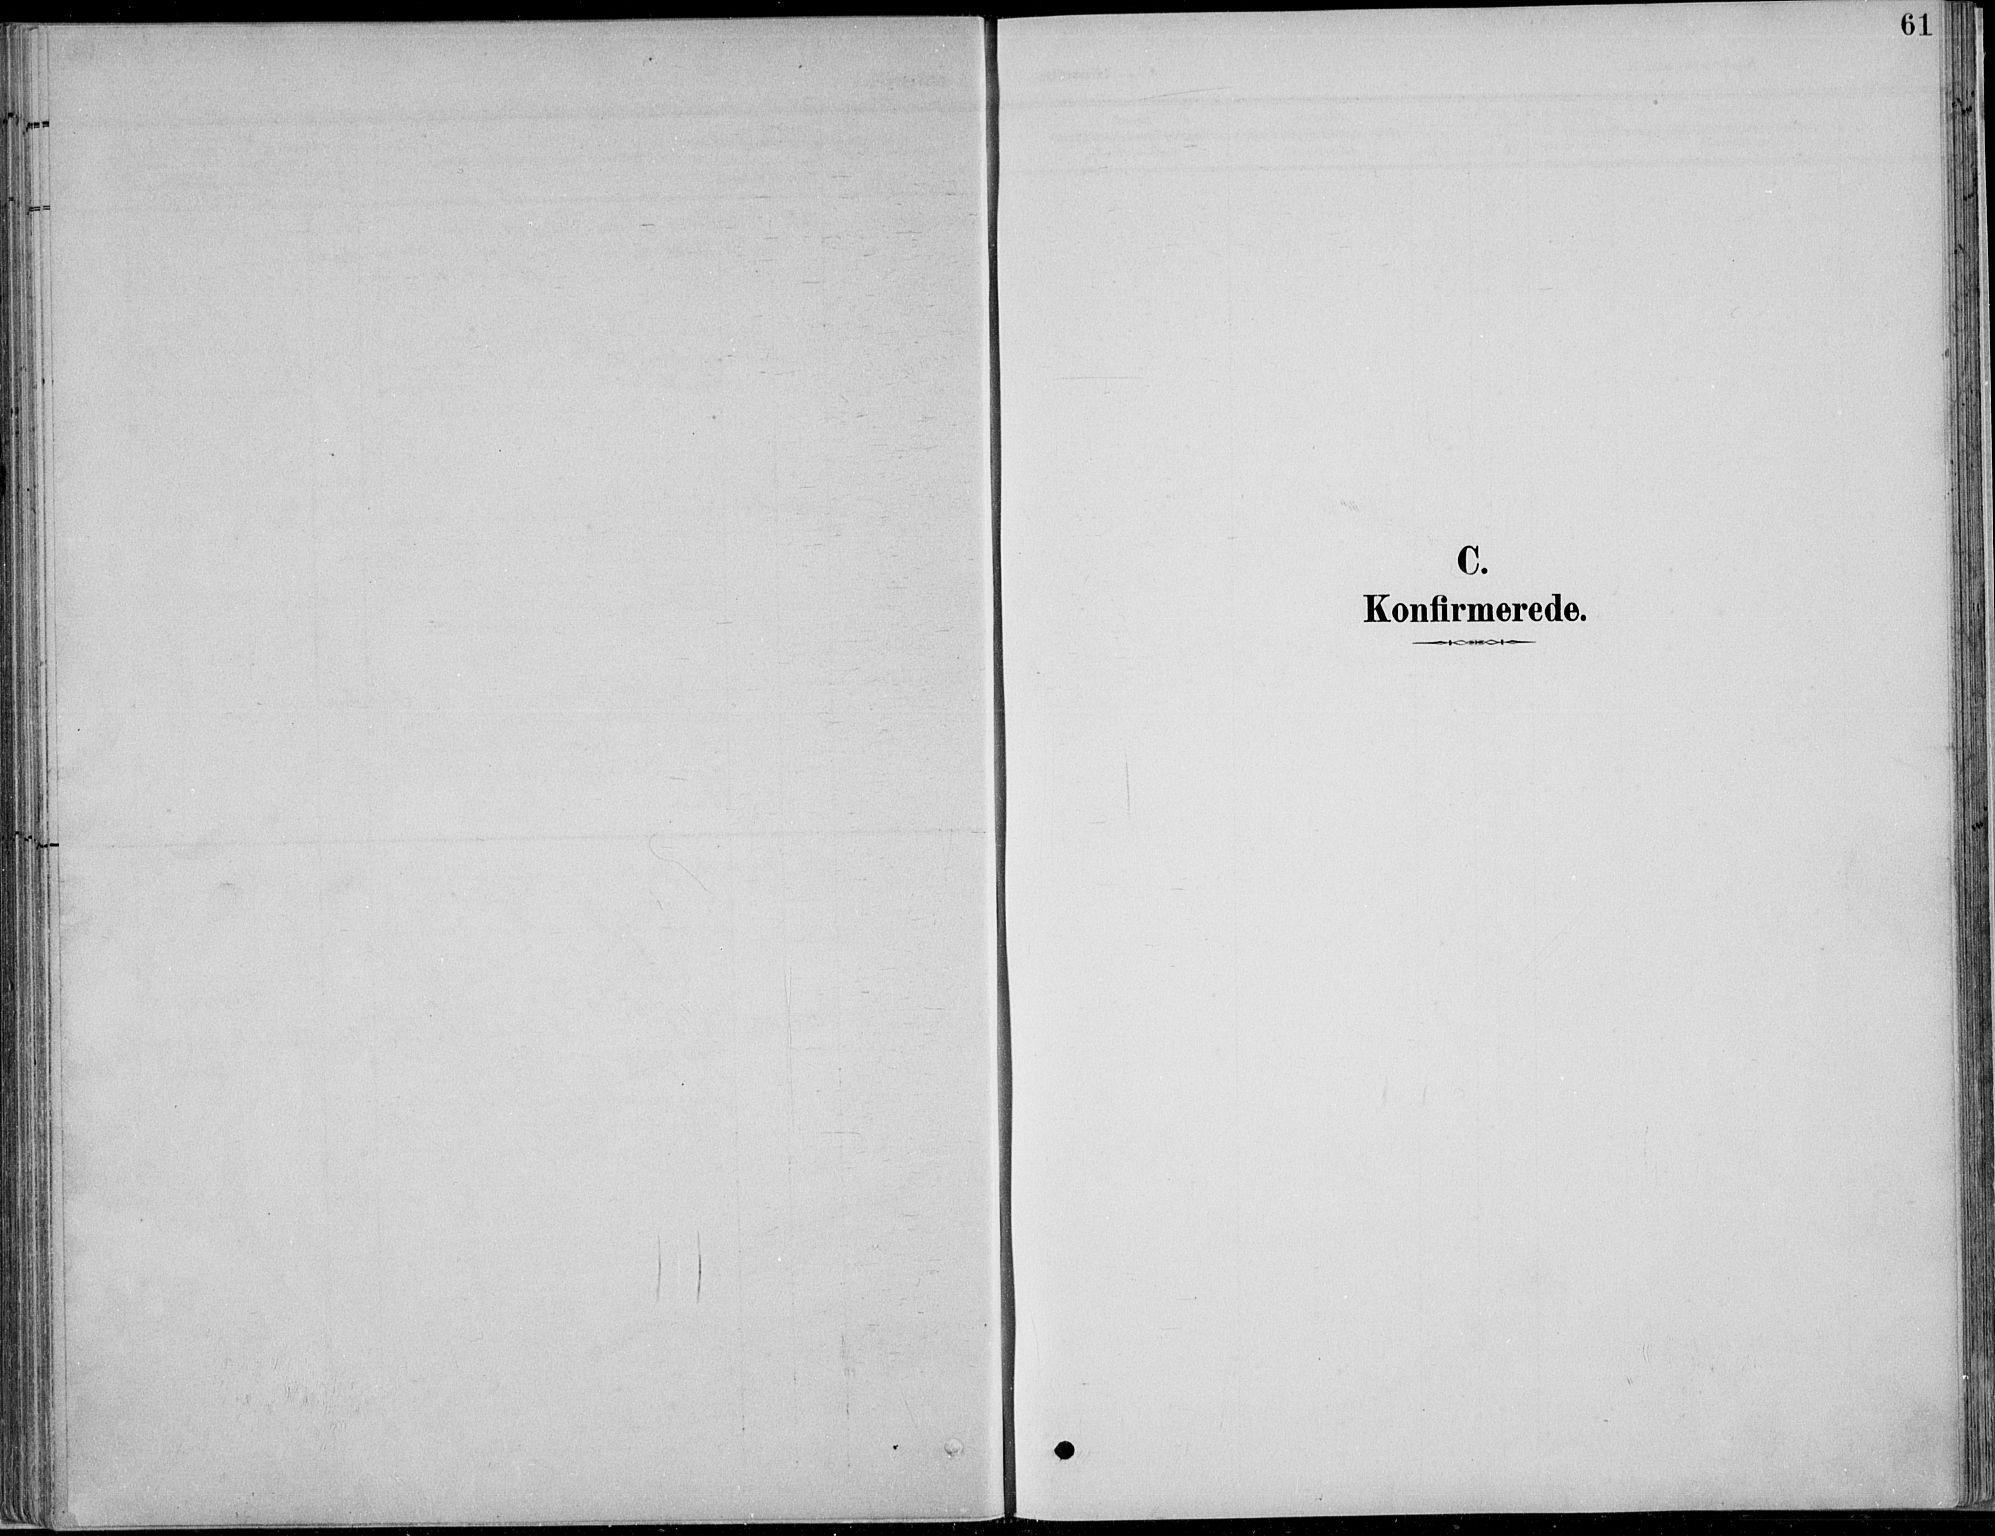 SAH, Nordre Land prestekontor, Klokkerbok nr. 13, 1891-1904, s. 61